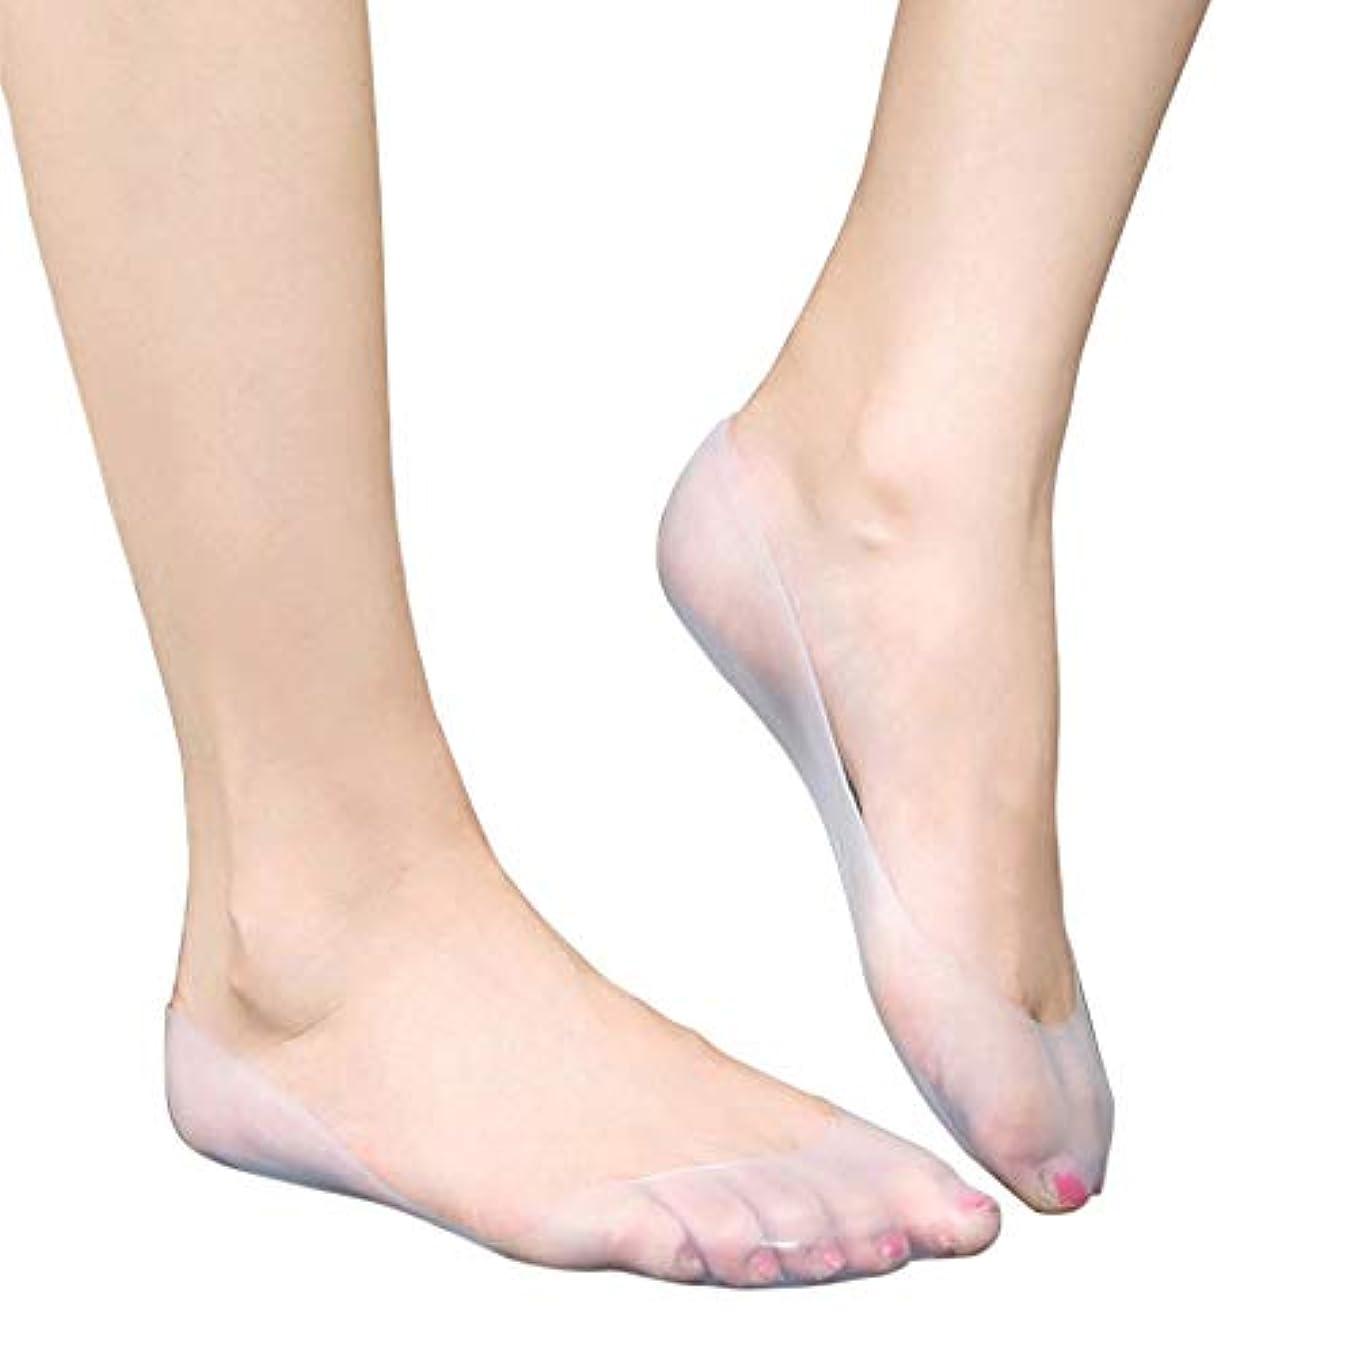 工場フィードオン満足3サイズあり M 潤い保湿ジェル靴下 角質ケアパック 対処 足裂対策 素足 抗菌 予防 男女兼用 伸縮性あり靴下